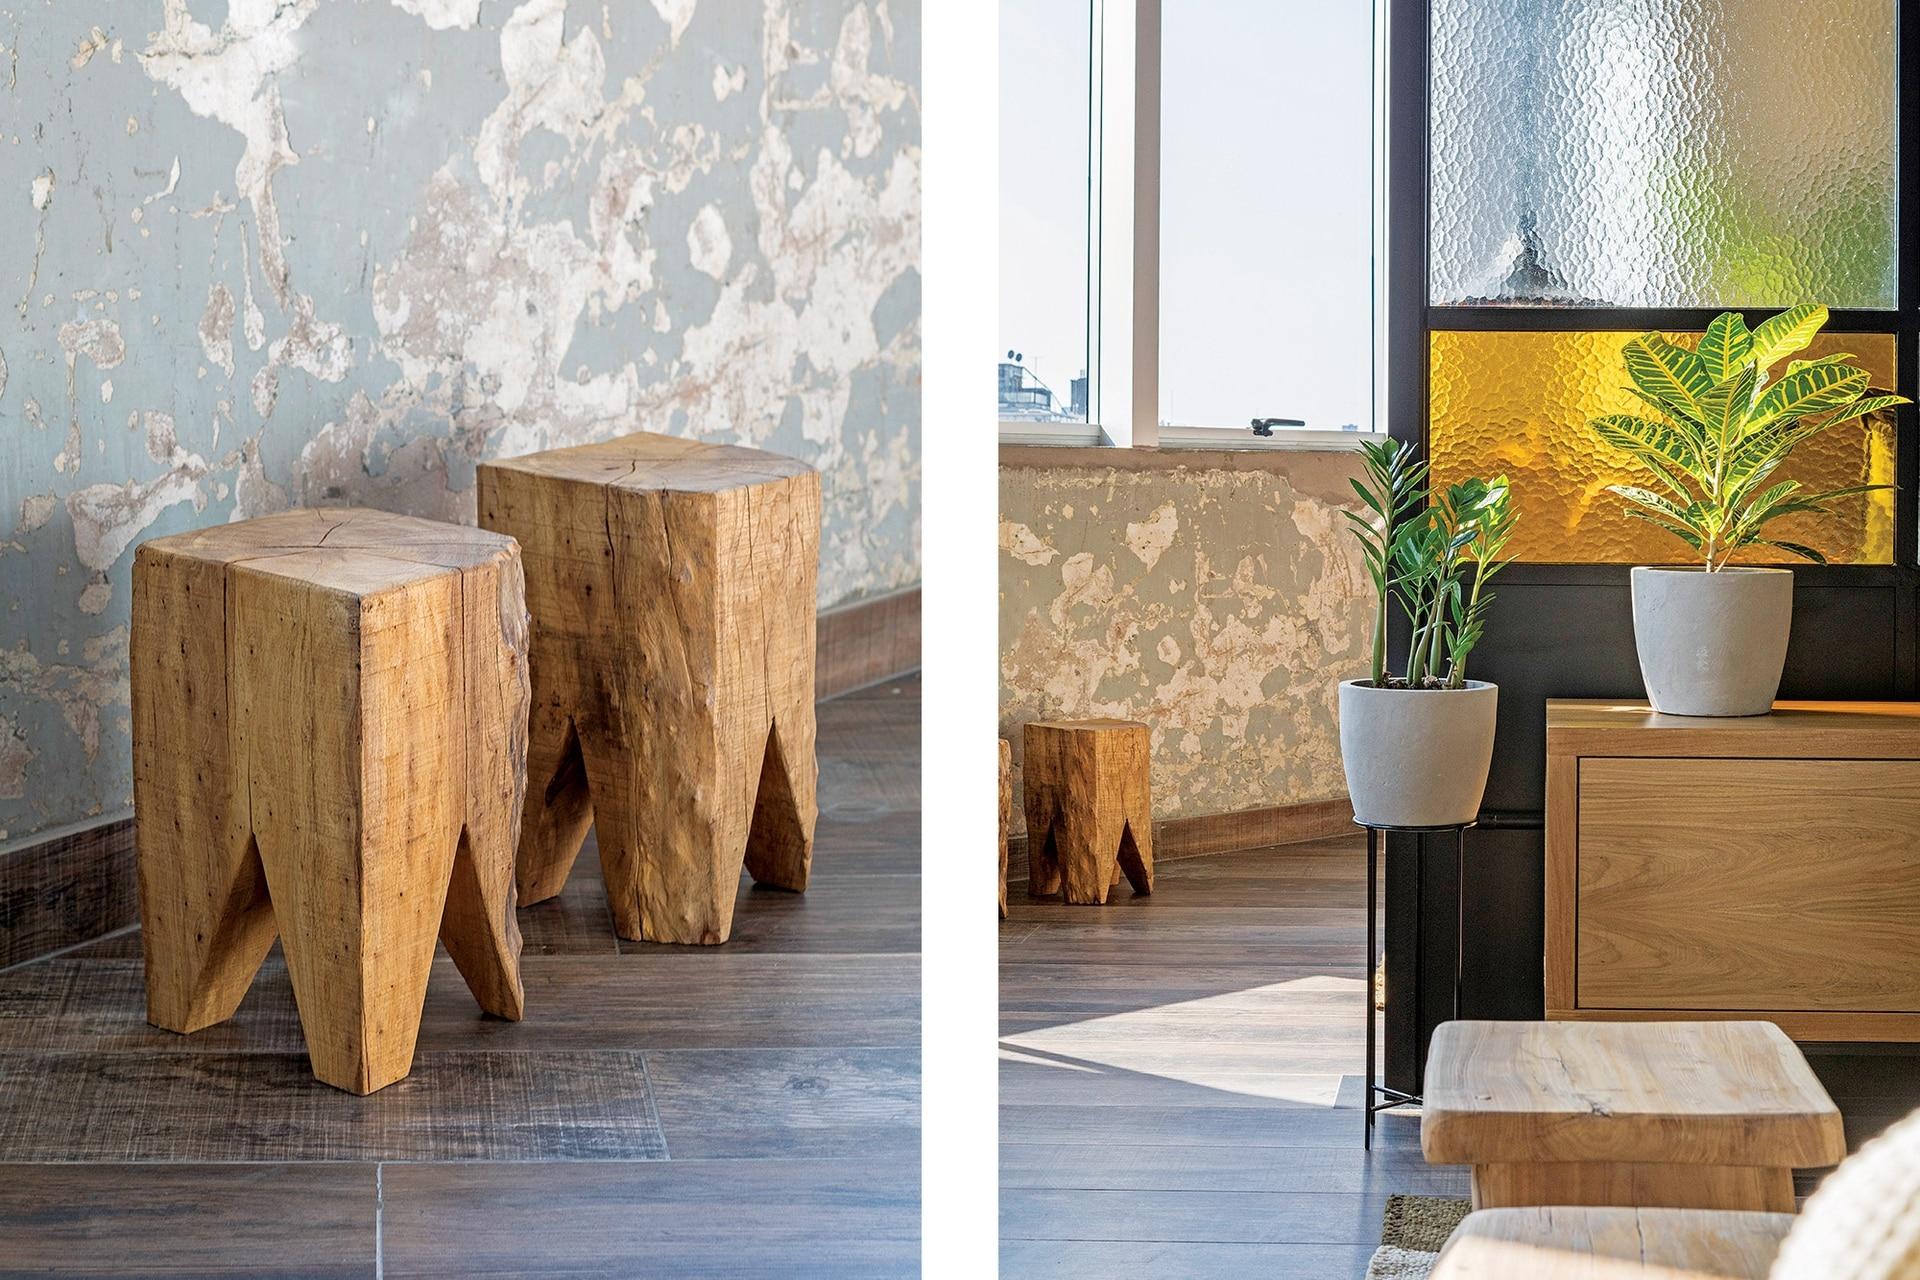 La madera es una constante a lo largo del loft.